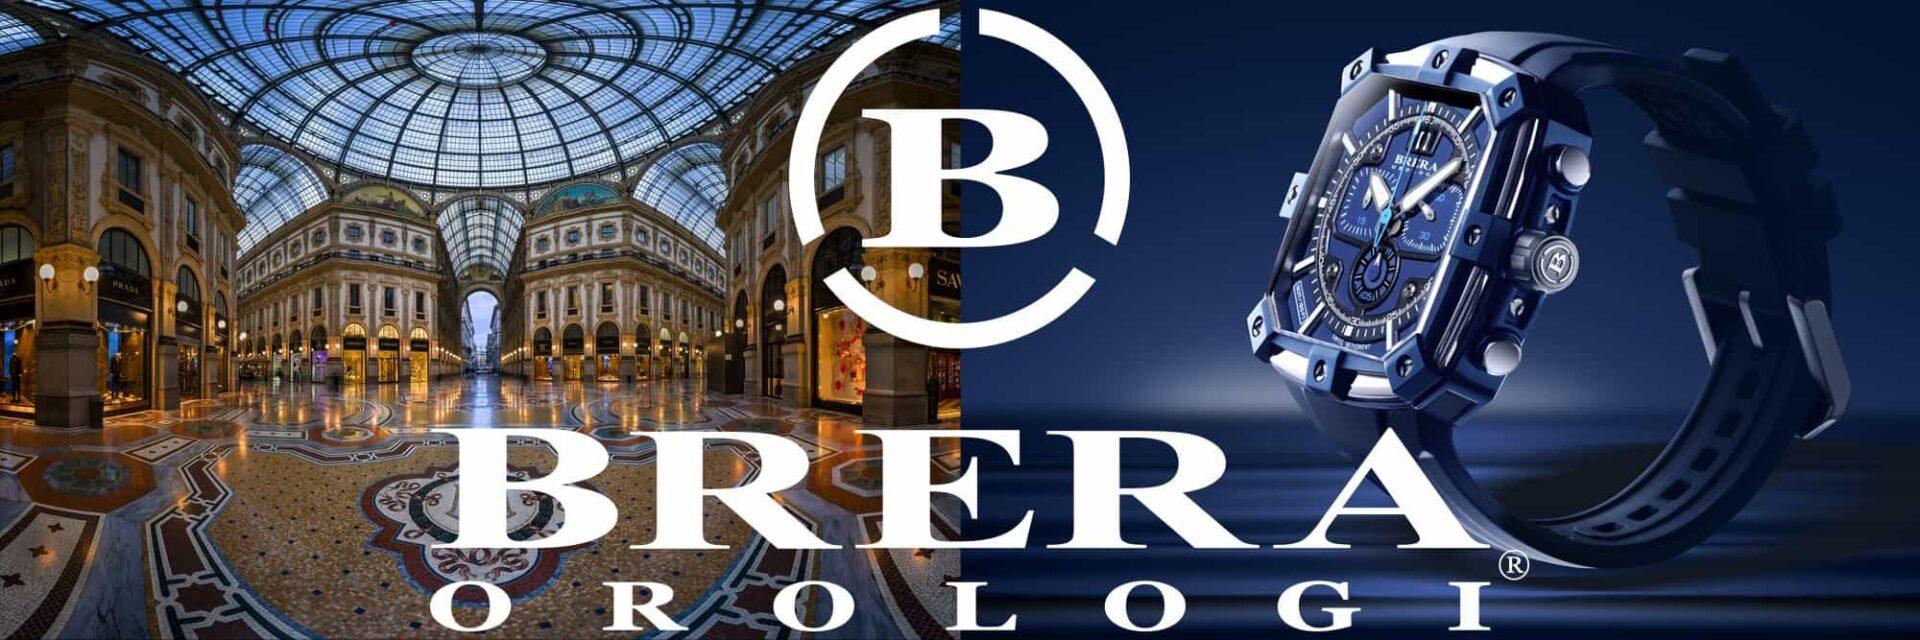 Supersportivo Square, l'orologio alternativo targato Brera Orologi!